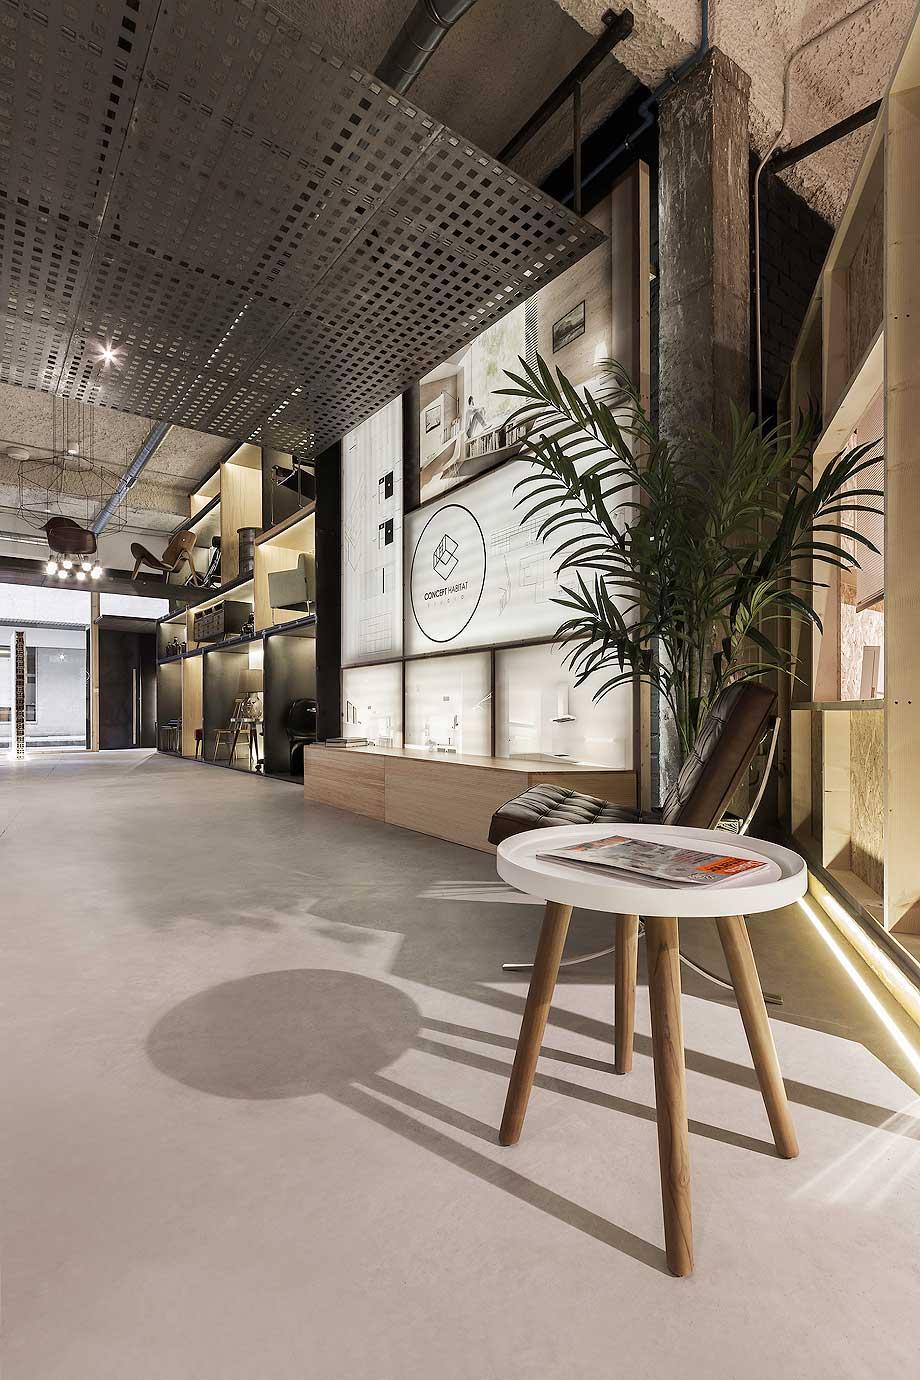 concept-habitat-nan-arquitectos (14)